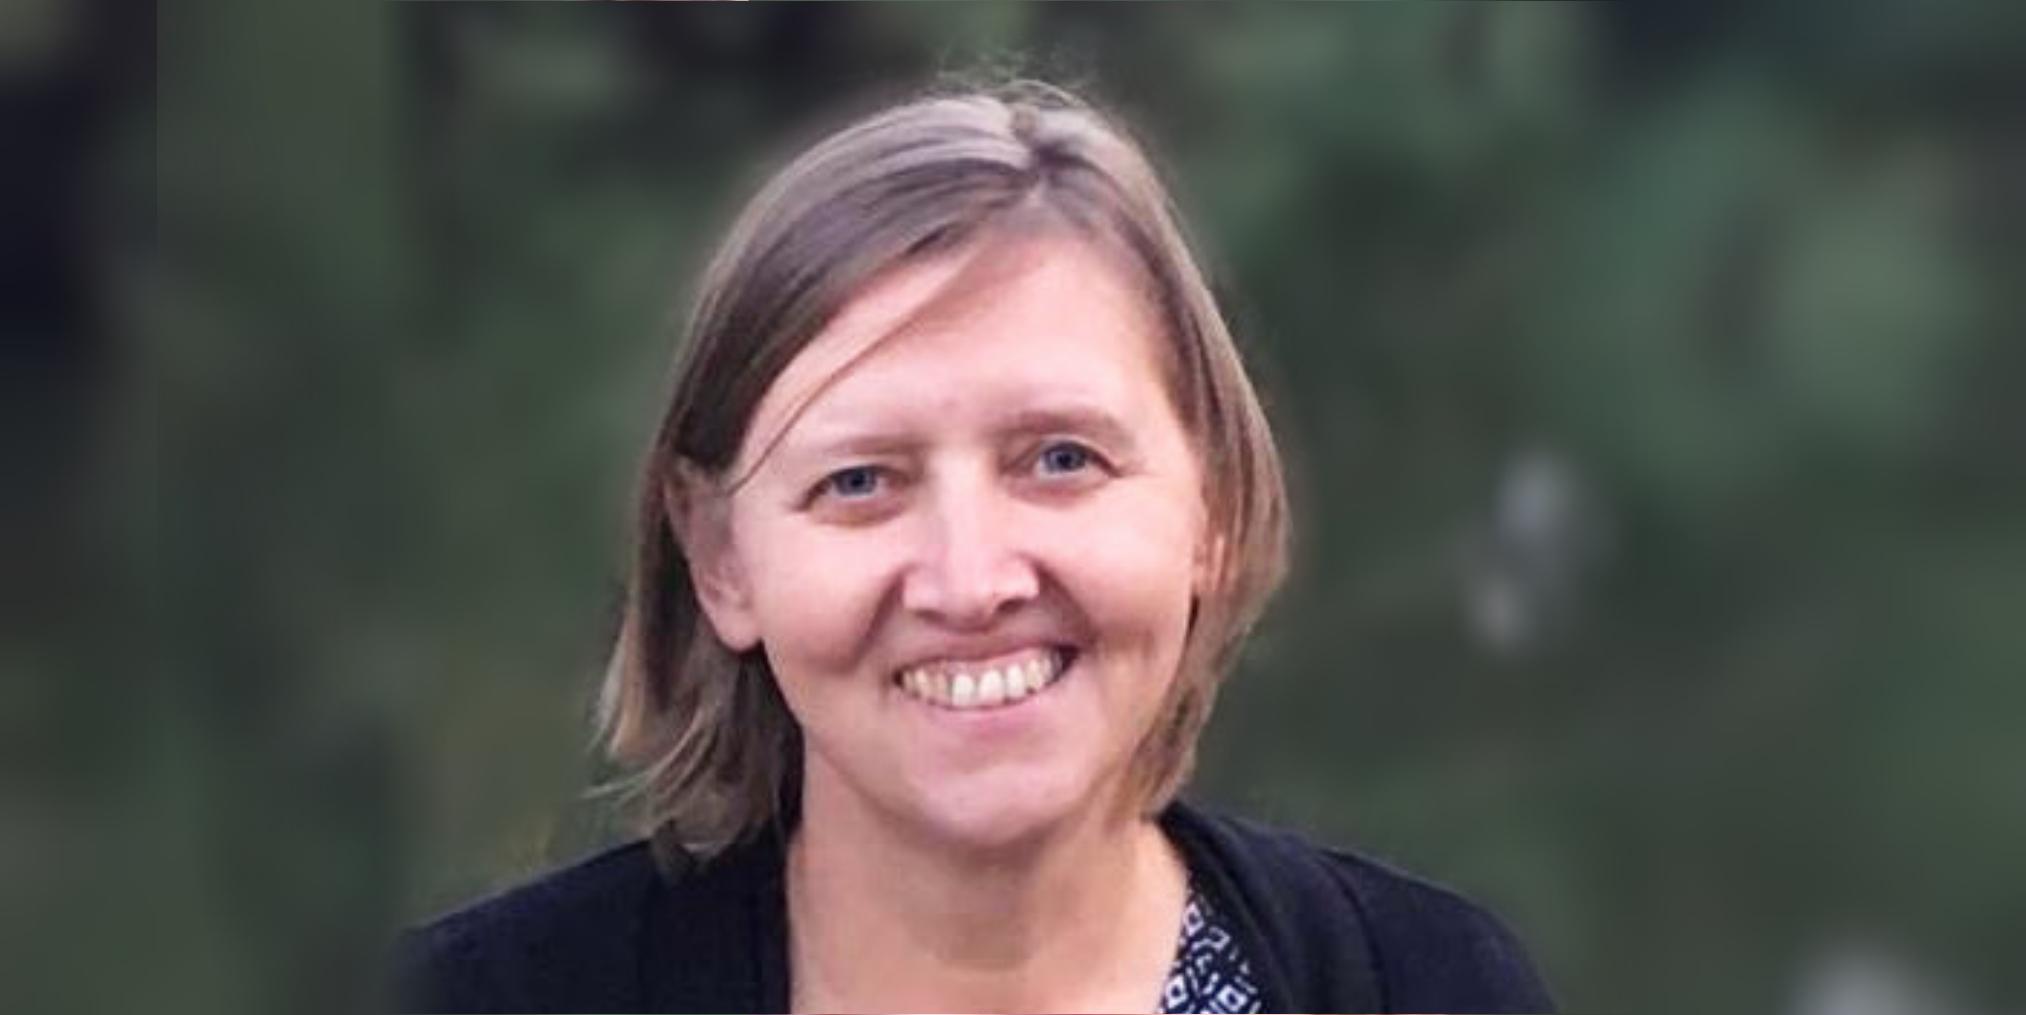 Lisa Engelbrecht